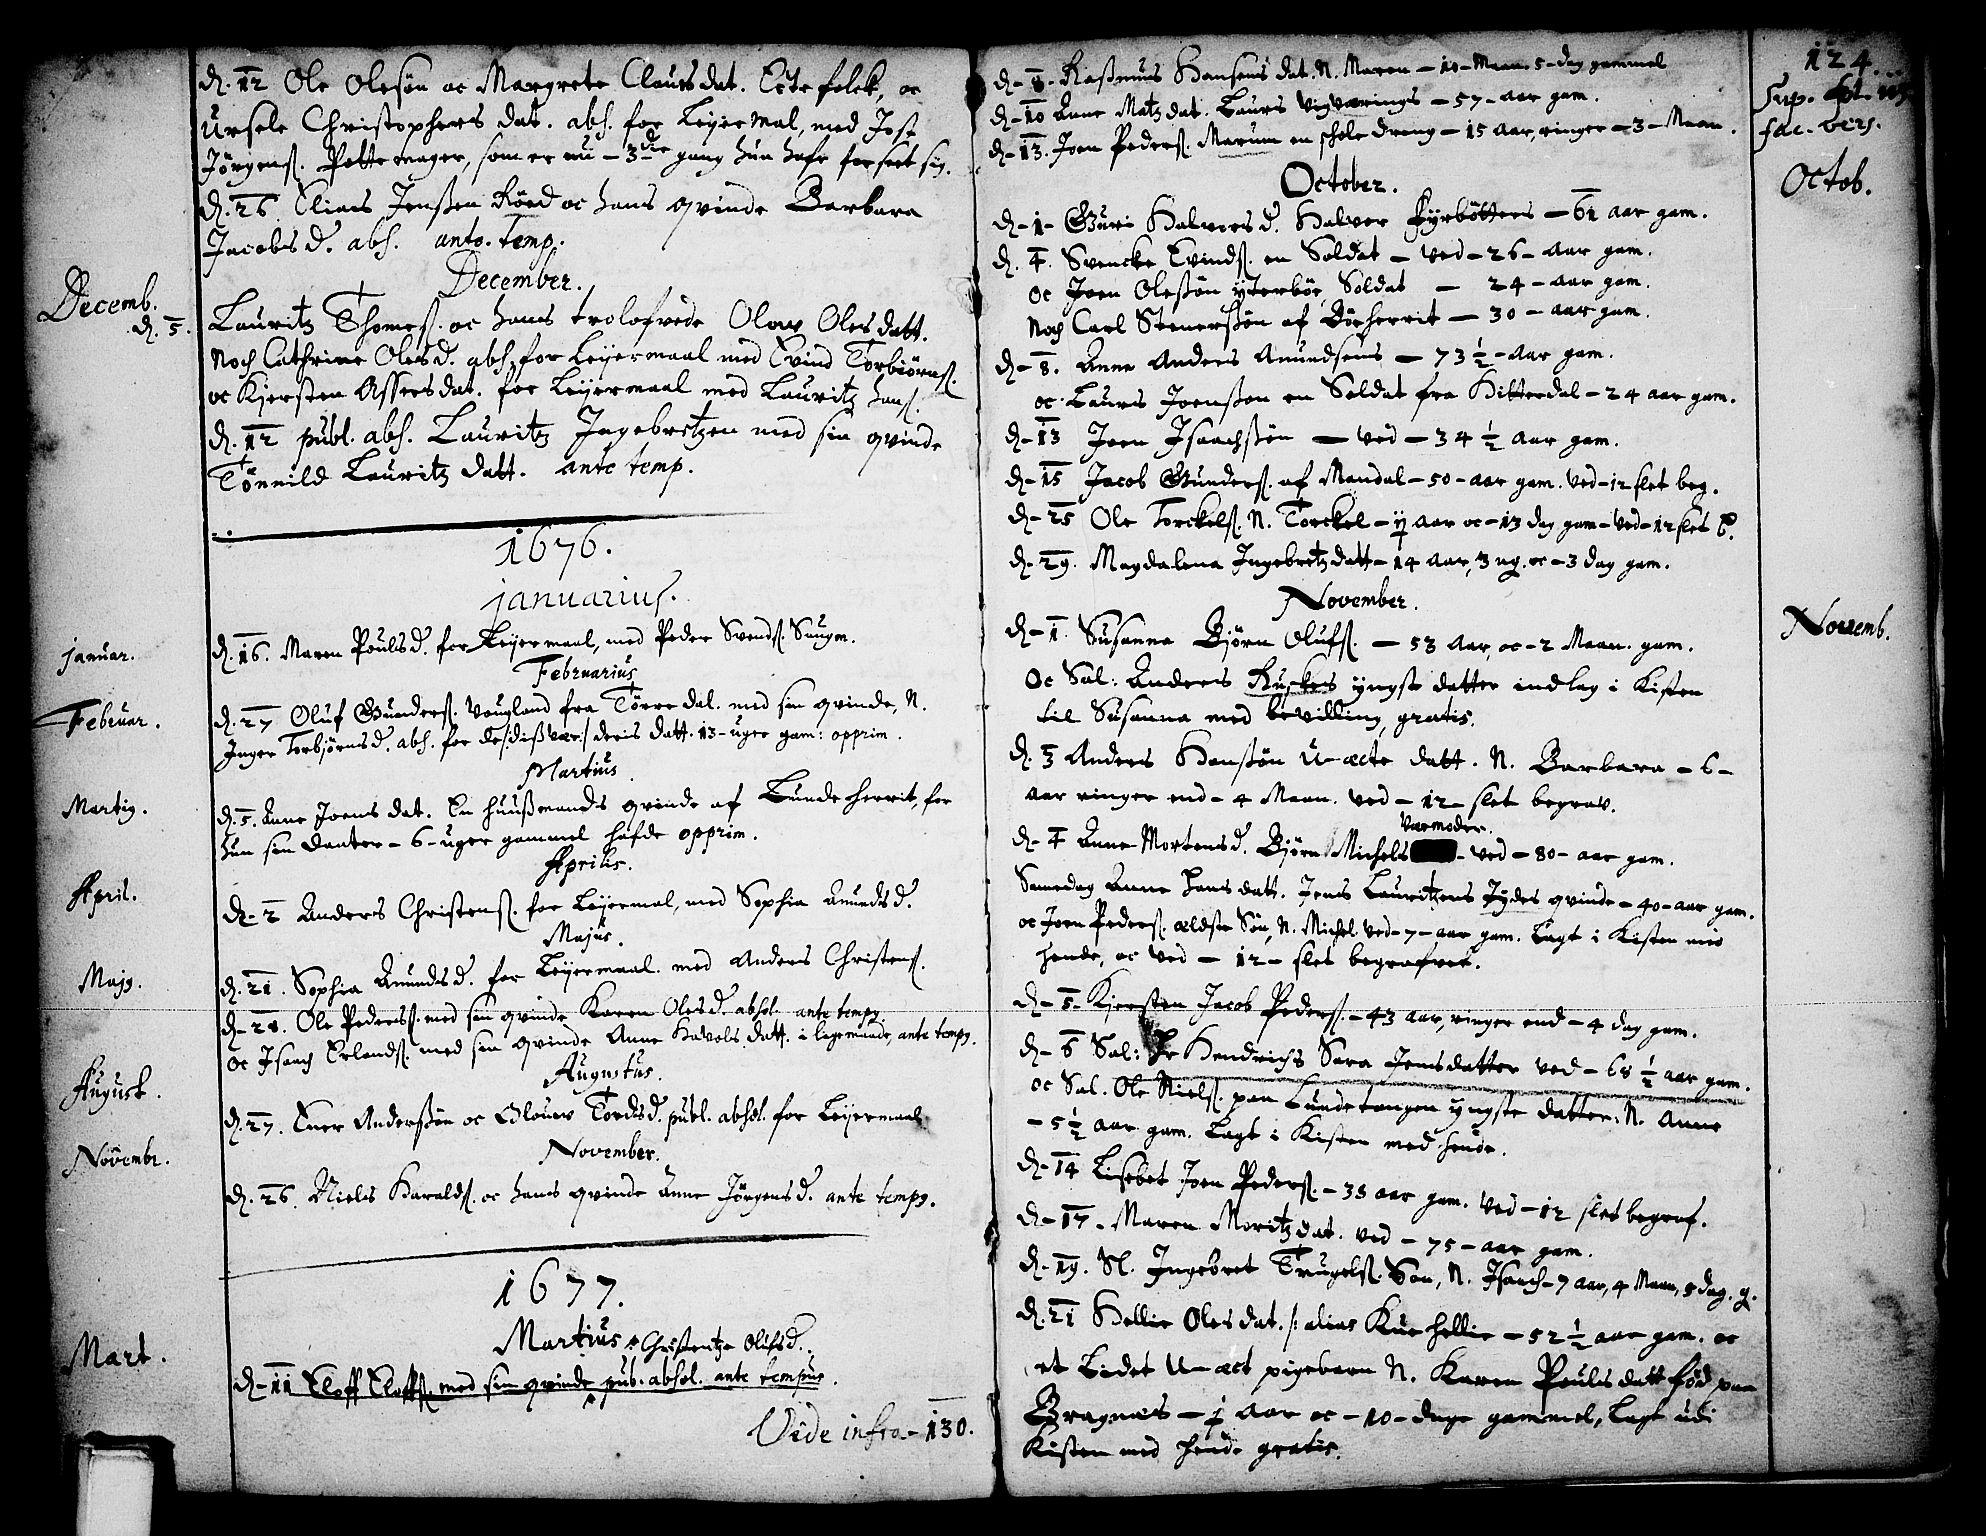 SAKO, Skien kirkebøker, F/Fa/L0001: Ministerialbok nr. 1, 1659-1679, s. 124